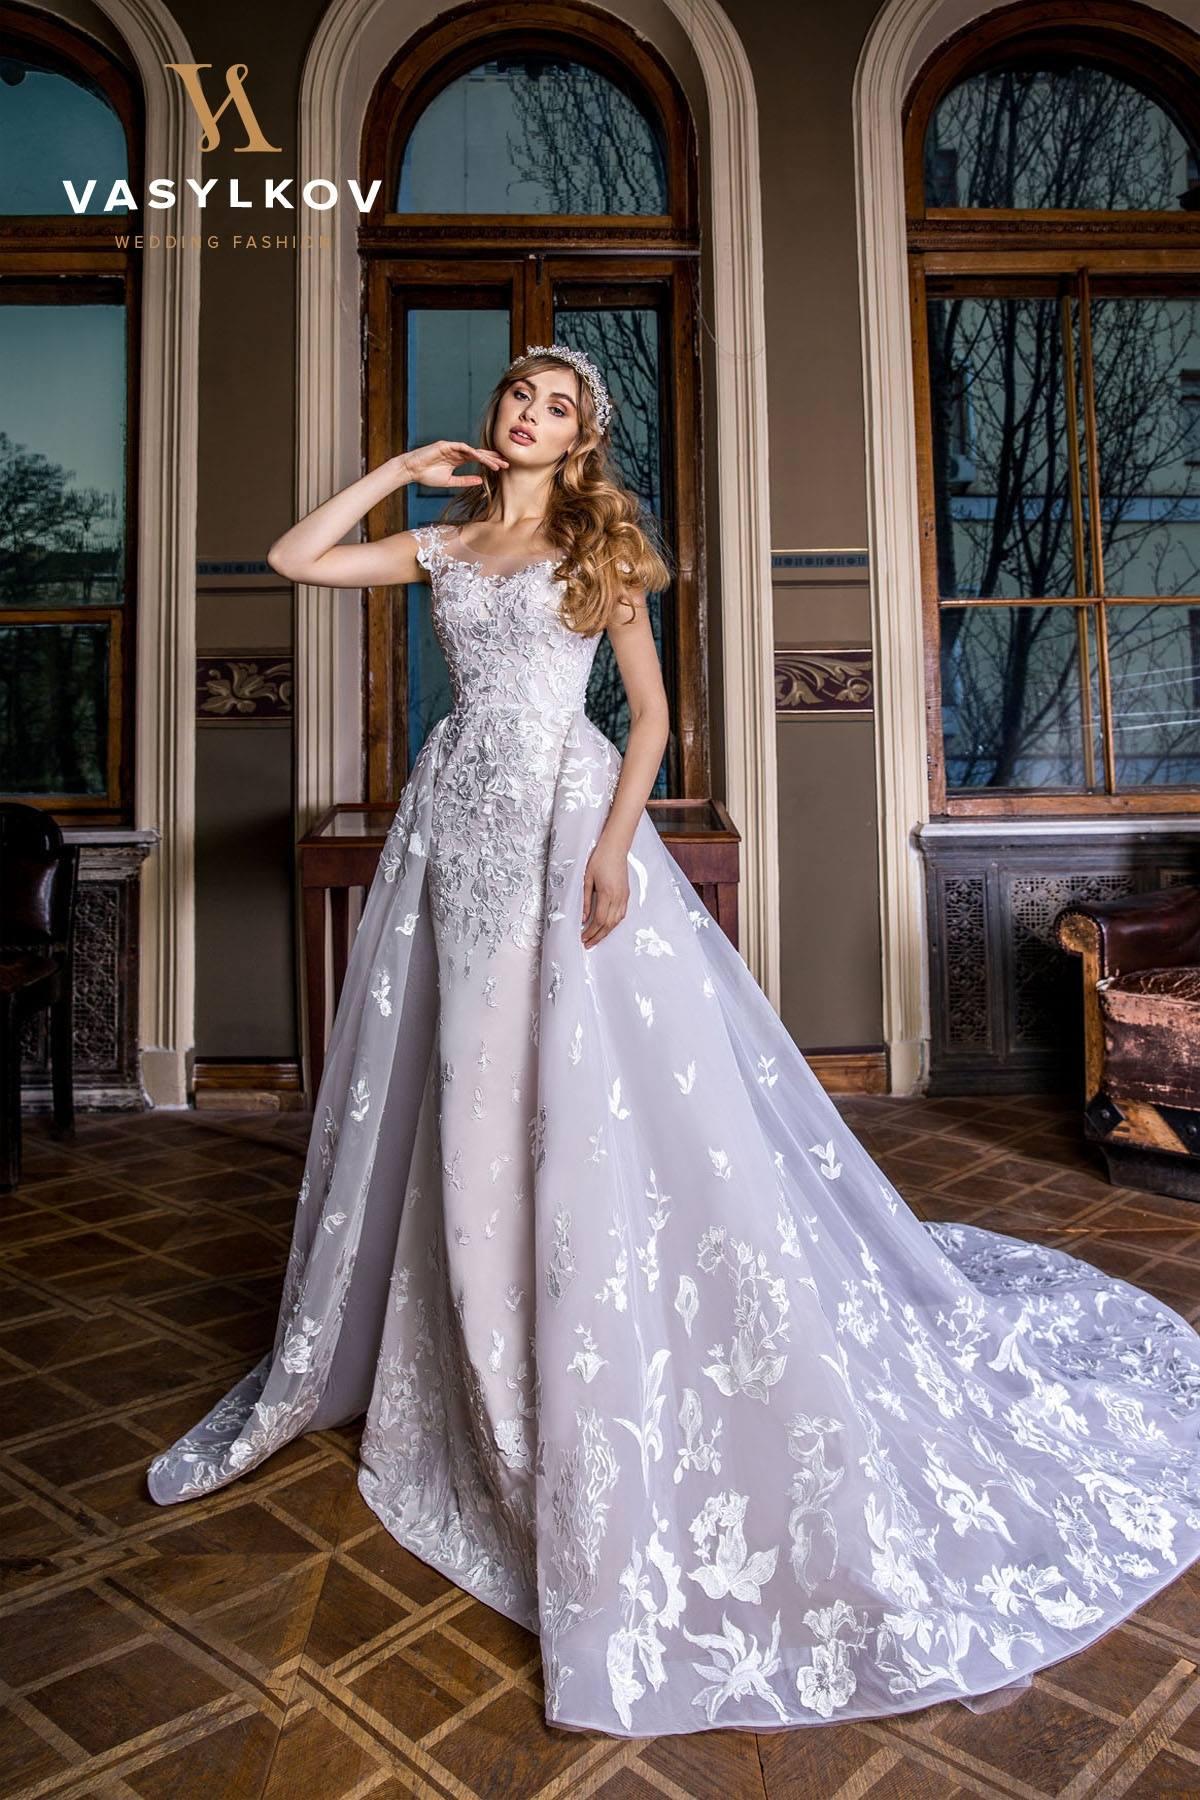 Wedding dress $400, size 6-8